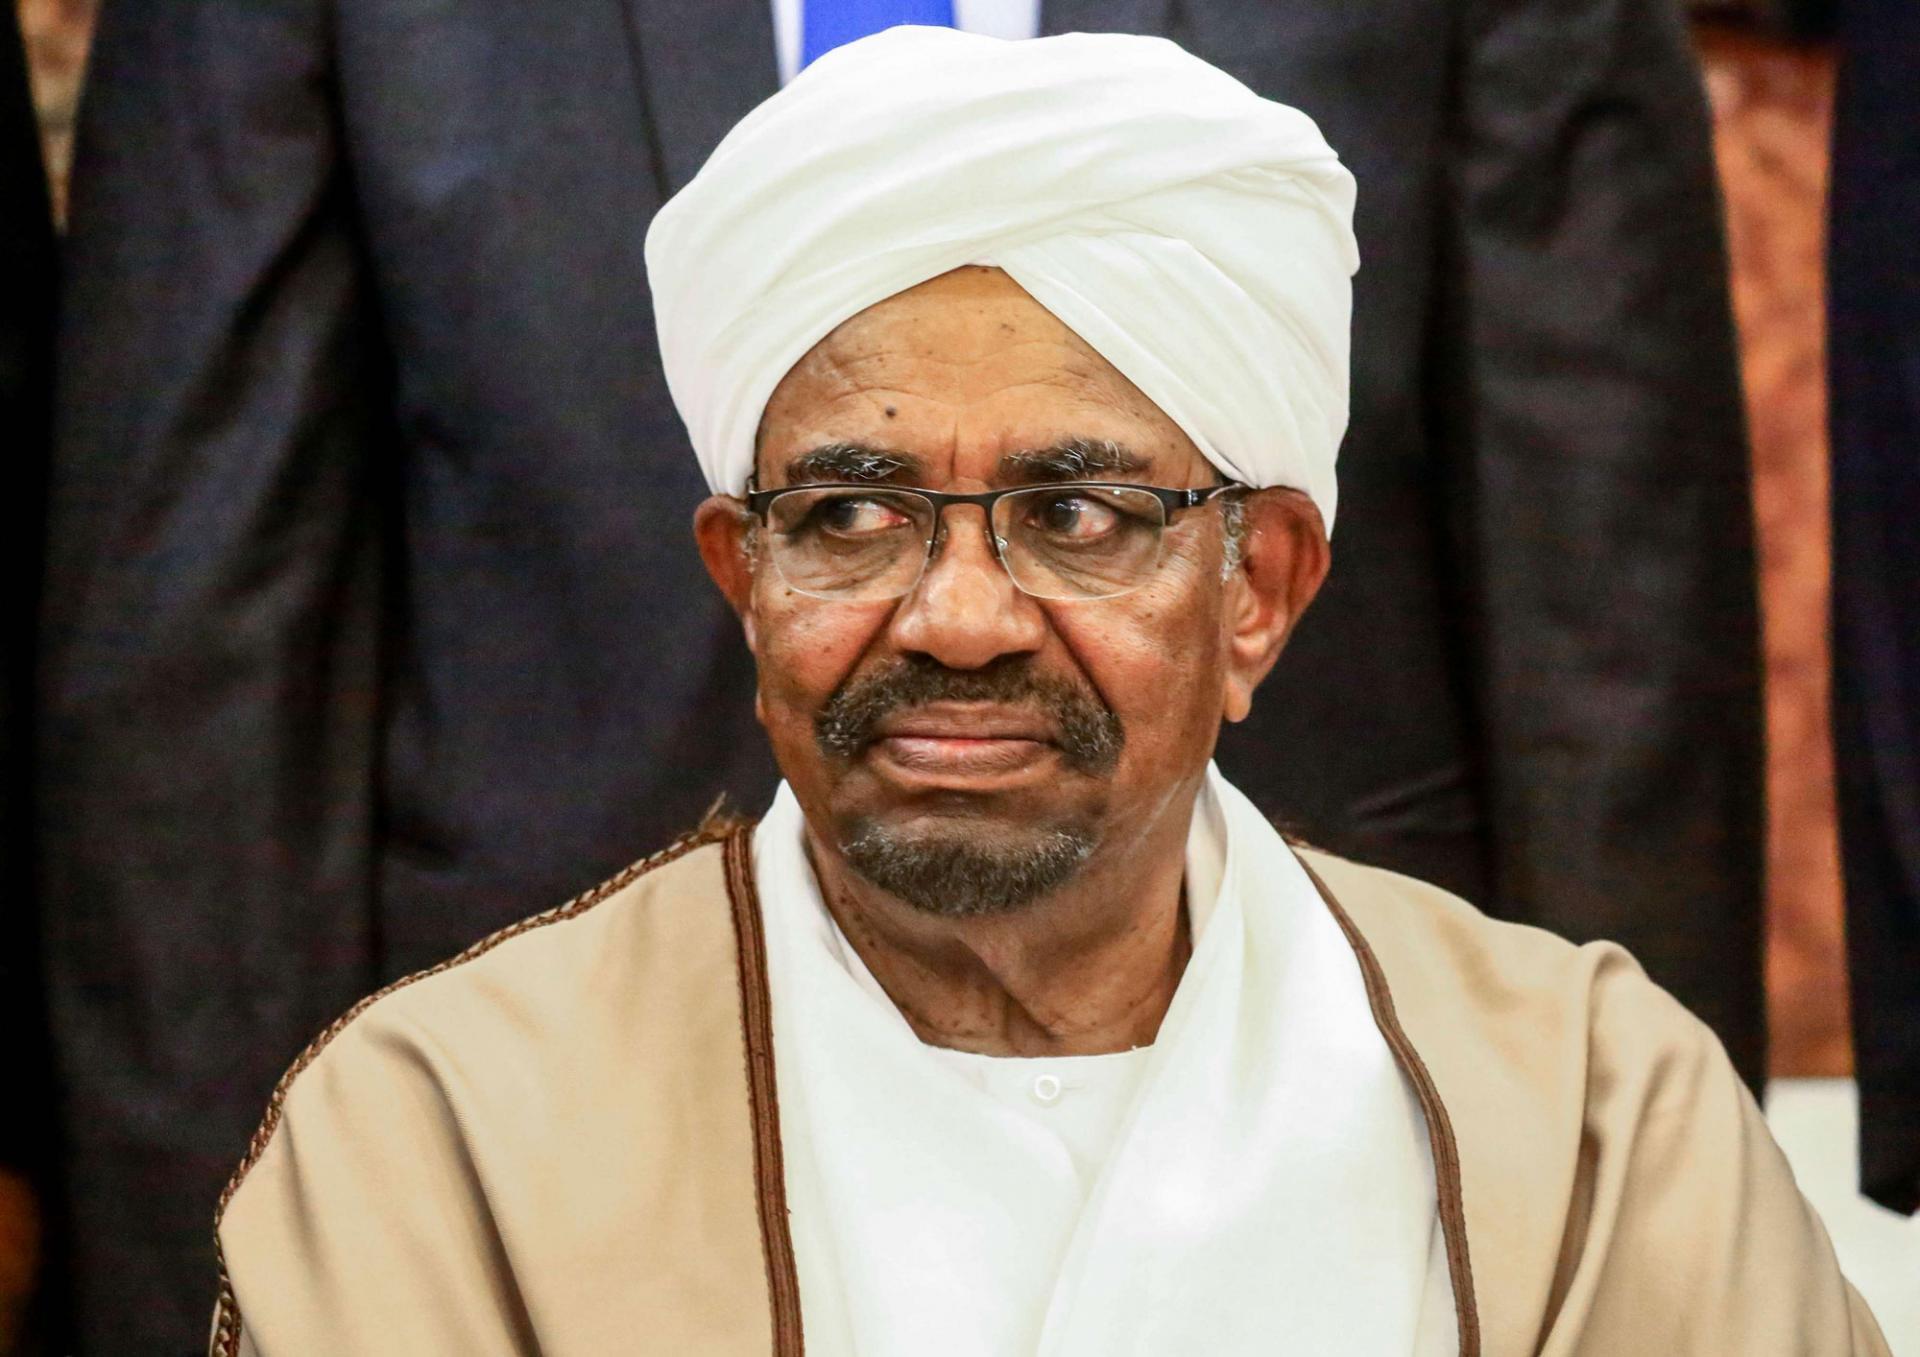 البشير يقر خلال محاكمته بتلقي 91 مليون دولار من السعودية والإمارات